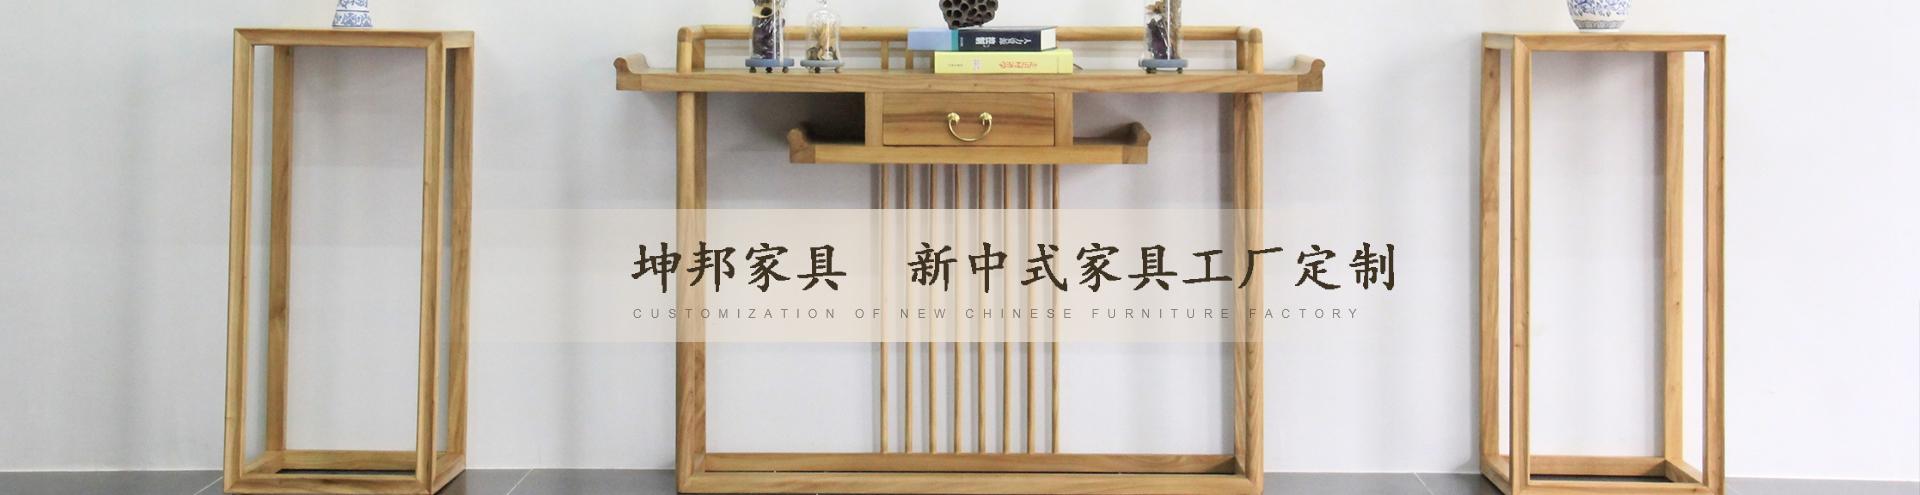 新中式家具厂家